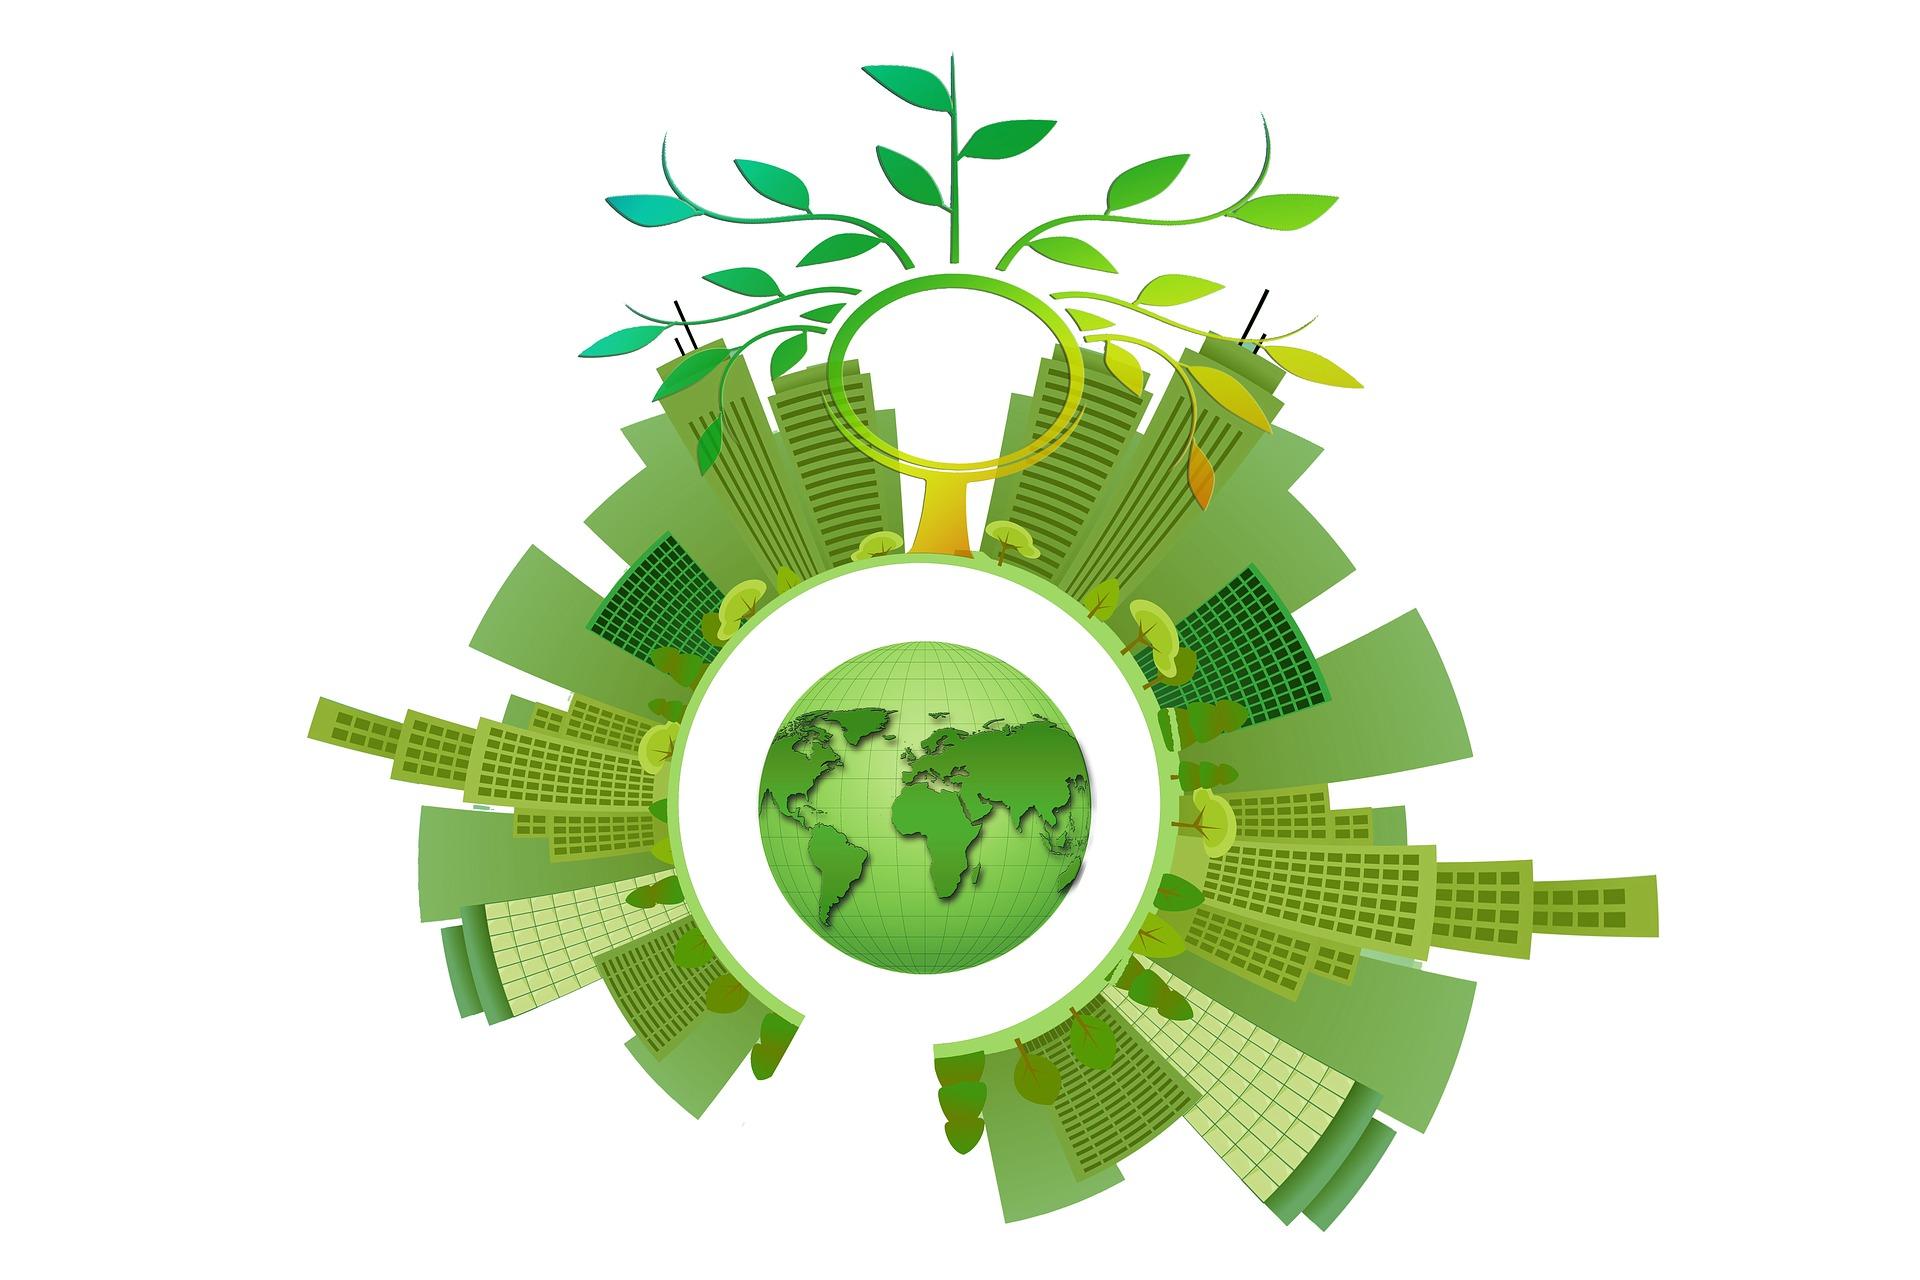 ekologiczna planeta